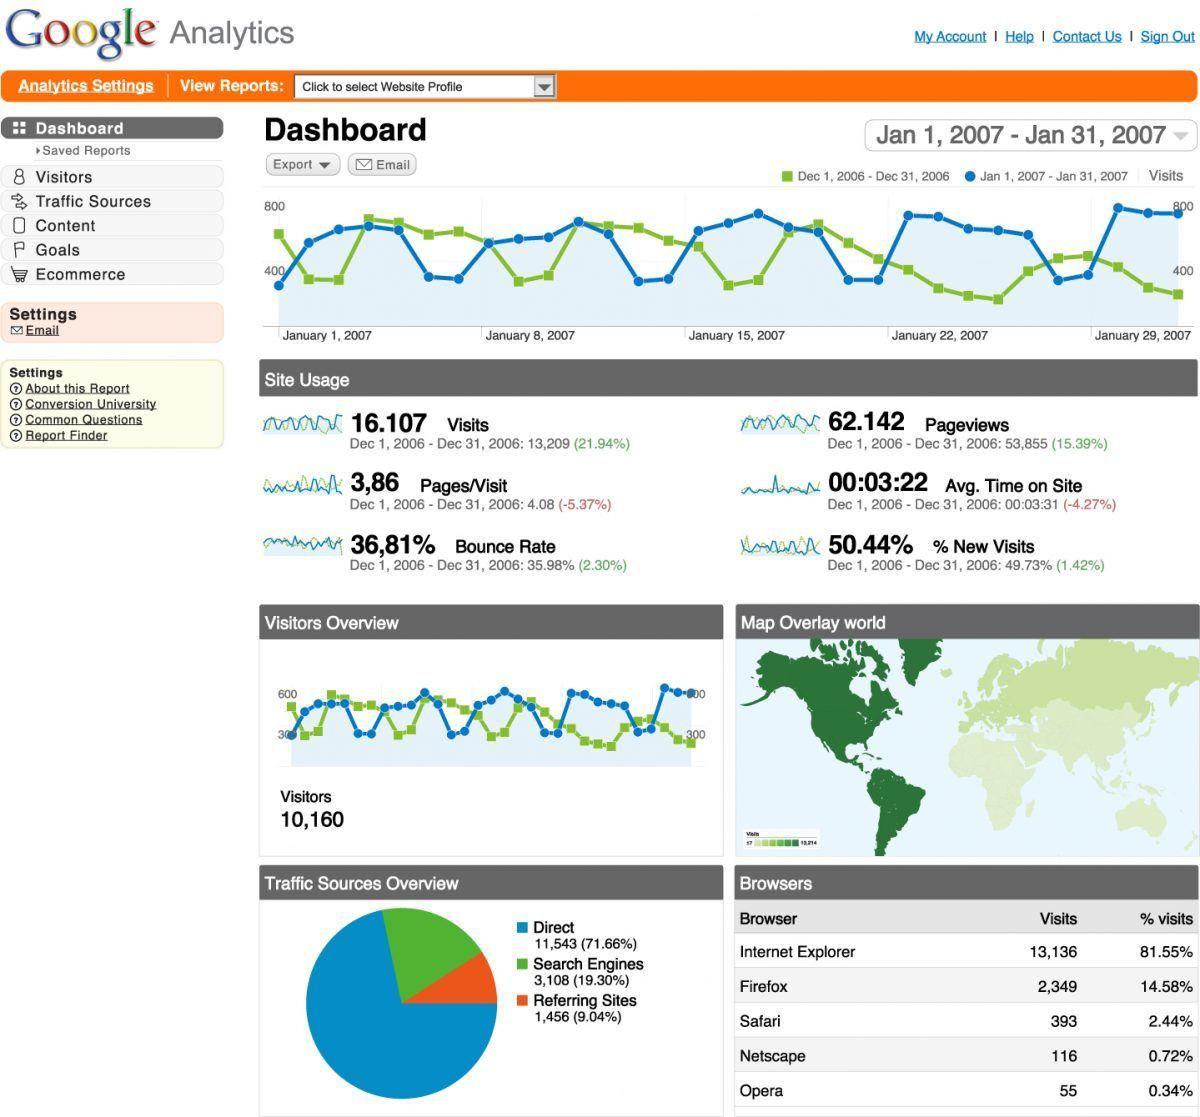 Las 7 mejores Herramientas de Marketing Gratuitas - Google Analytics